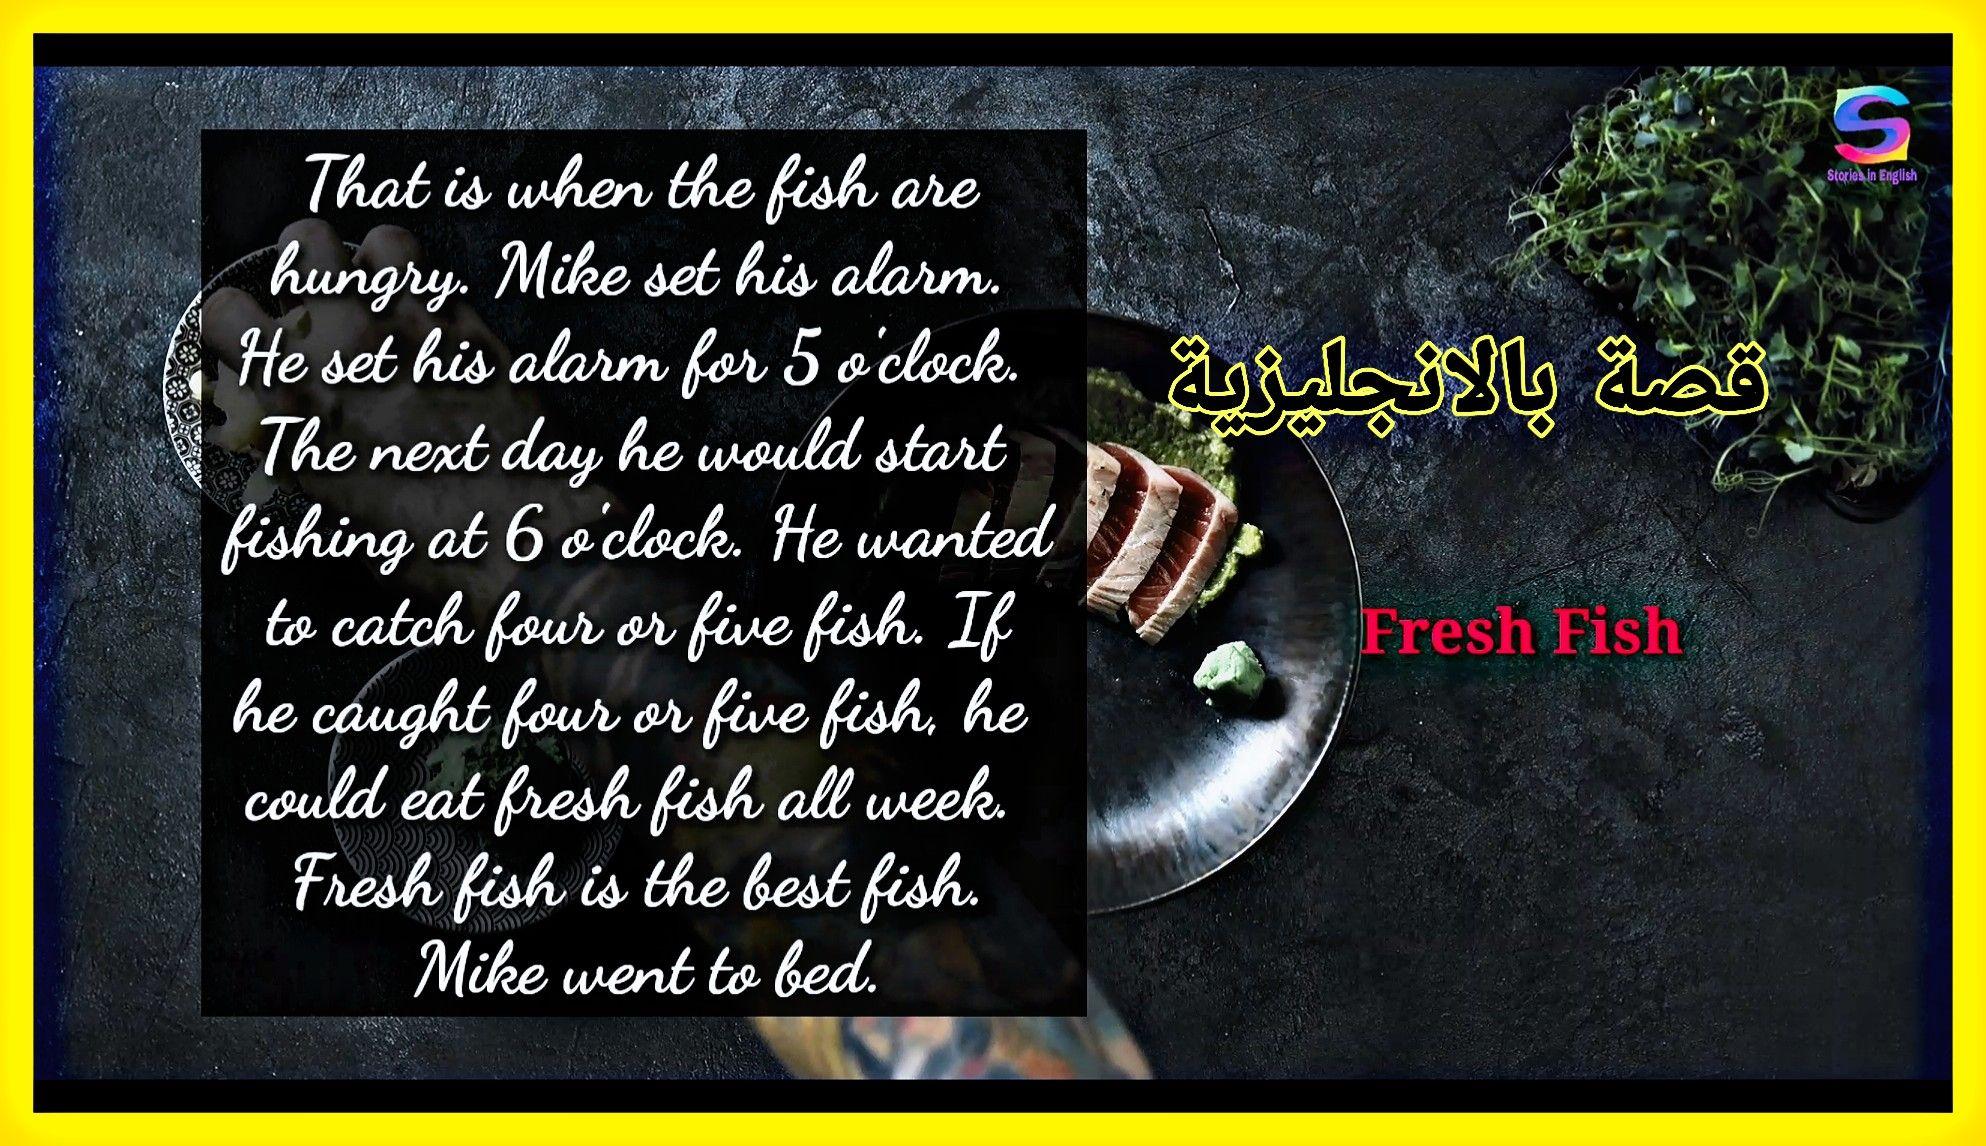 تعلم اللغة الانجليزية من خلال القصص بطريقة سهلة ومبسطة وتحسين مهارة النطق والاستماع في الانجليزية Lettering Arabic Quotes Quotes